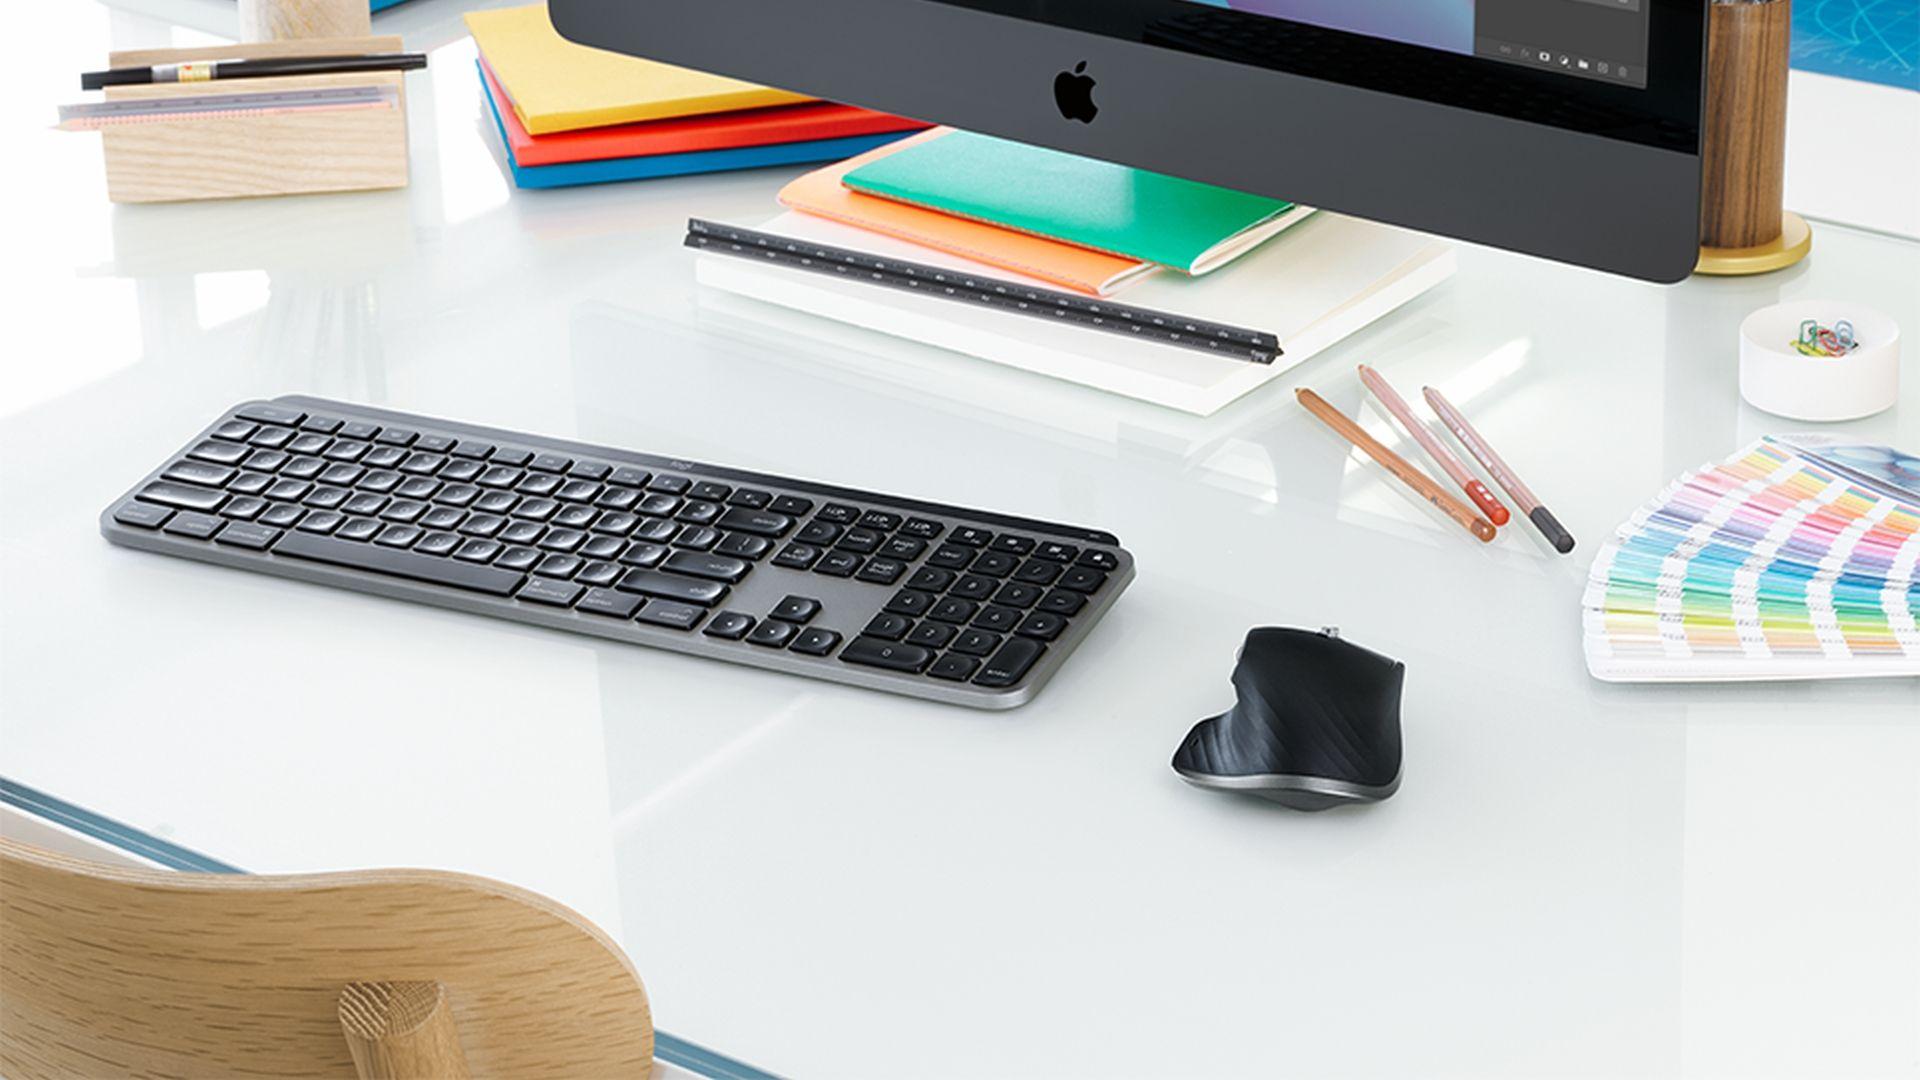 Dostępna klawiatura MX Keys i mysz MX Master 3 w wersji na iPada i Maca